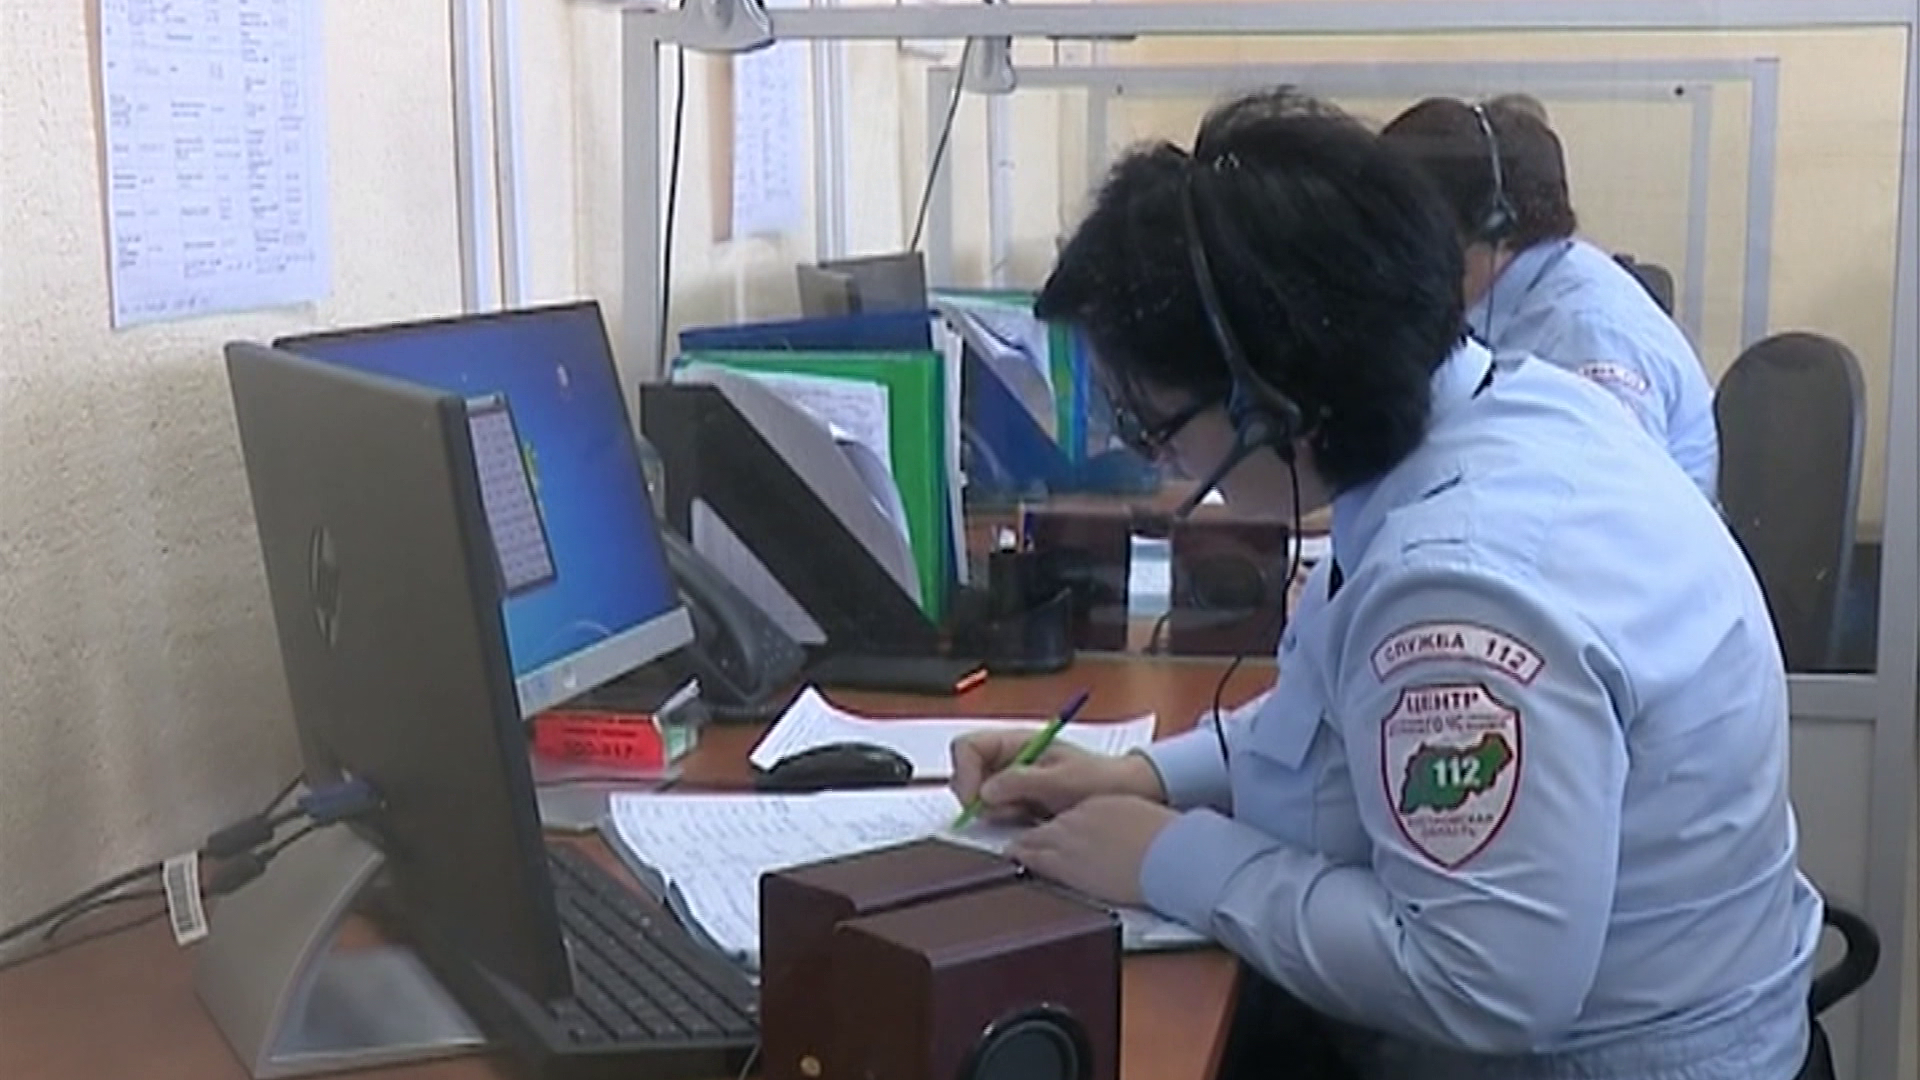 Костромичи делают до тысячи звонков в сутки на номер 112